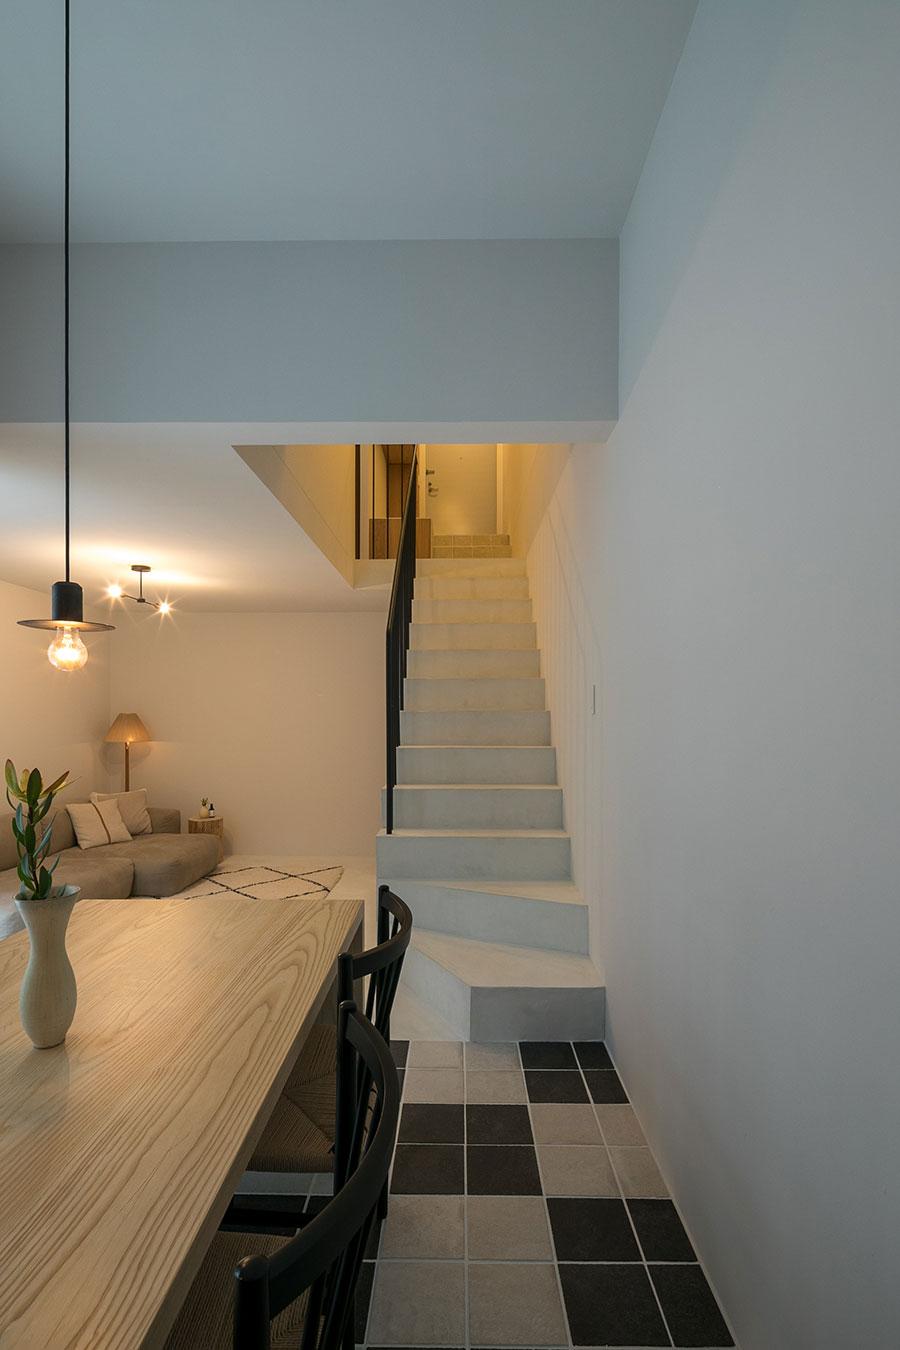 床材には白モルタルとタイルを採用。「階段部分のオンザウォールの壁材と床材の白モルタルの色の継ぎ目が課題だったのですが、職人の技によって、シームレスにつなげることができました」(洋祐さん)。